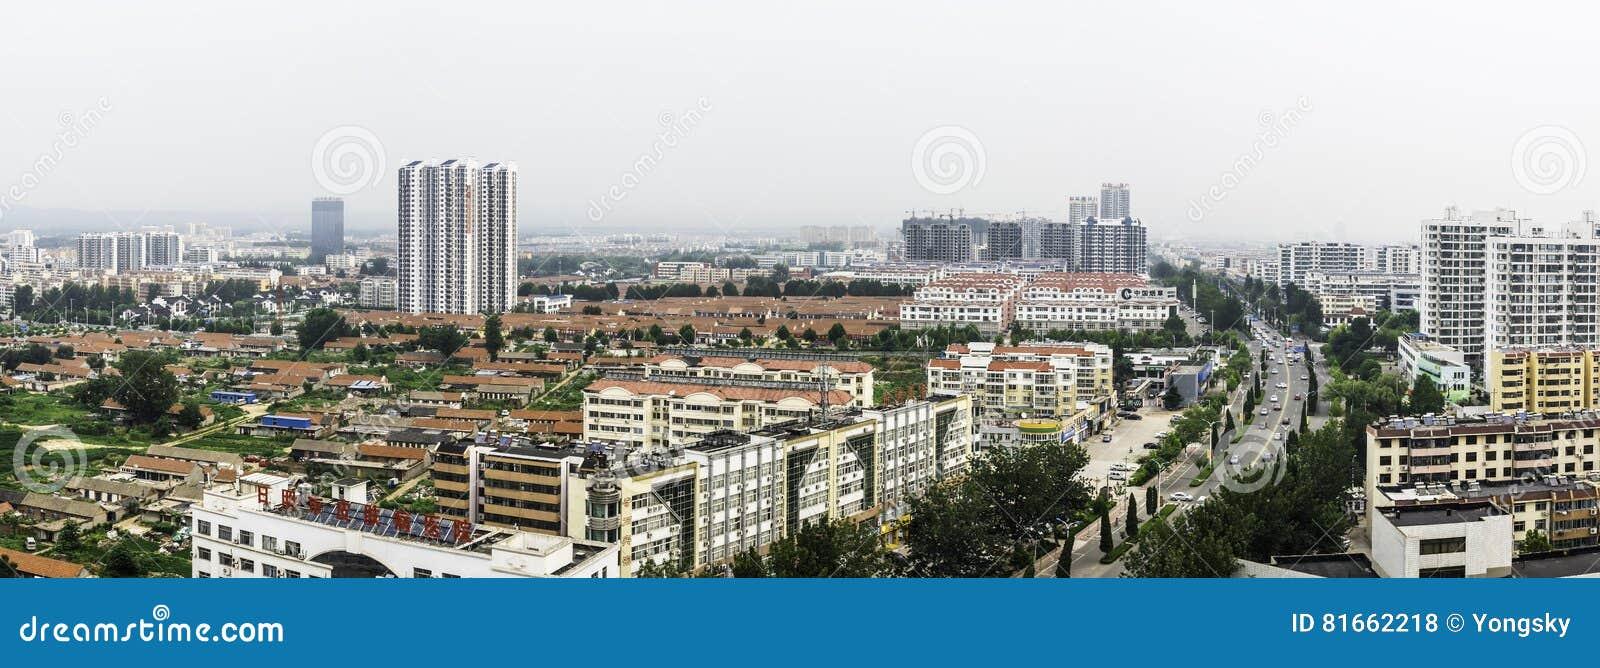 Négligence de la ville de Rizhao